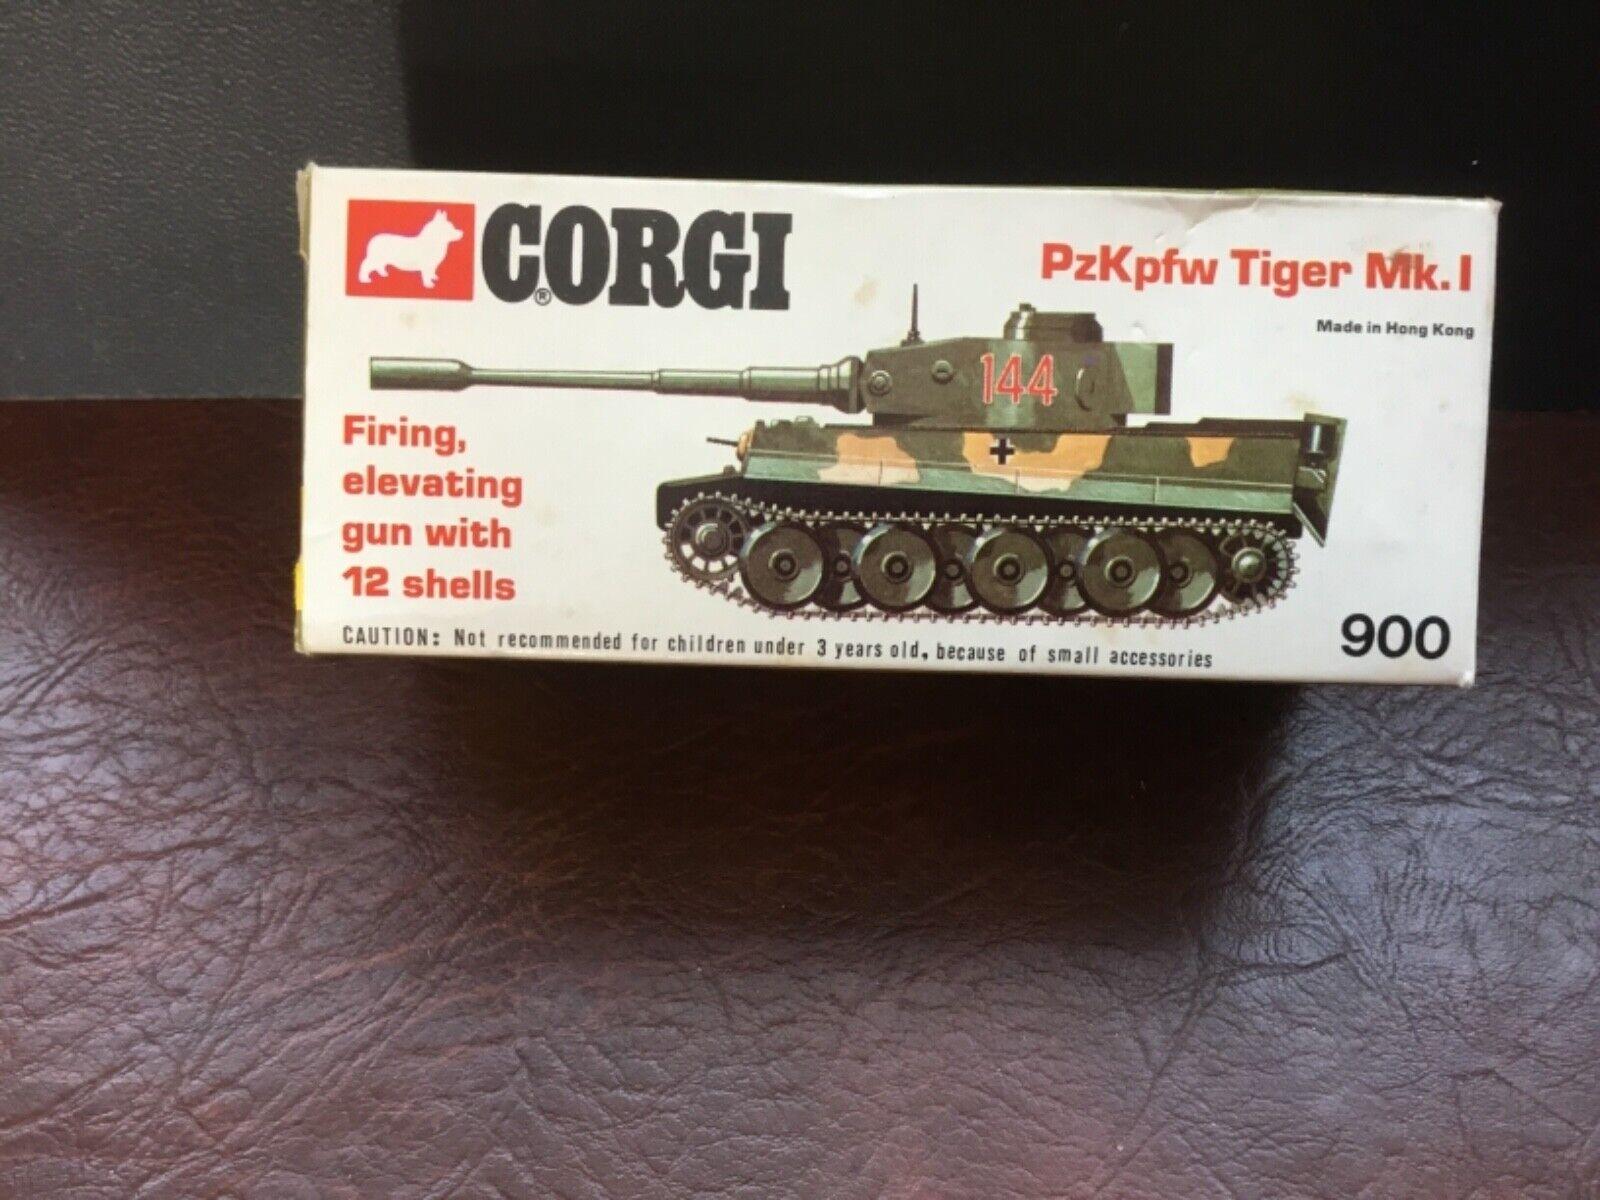 Corgi  PzKpfw Tiger Mk.1 Boxed